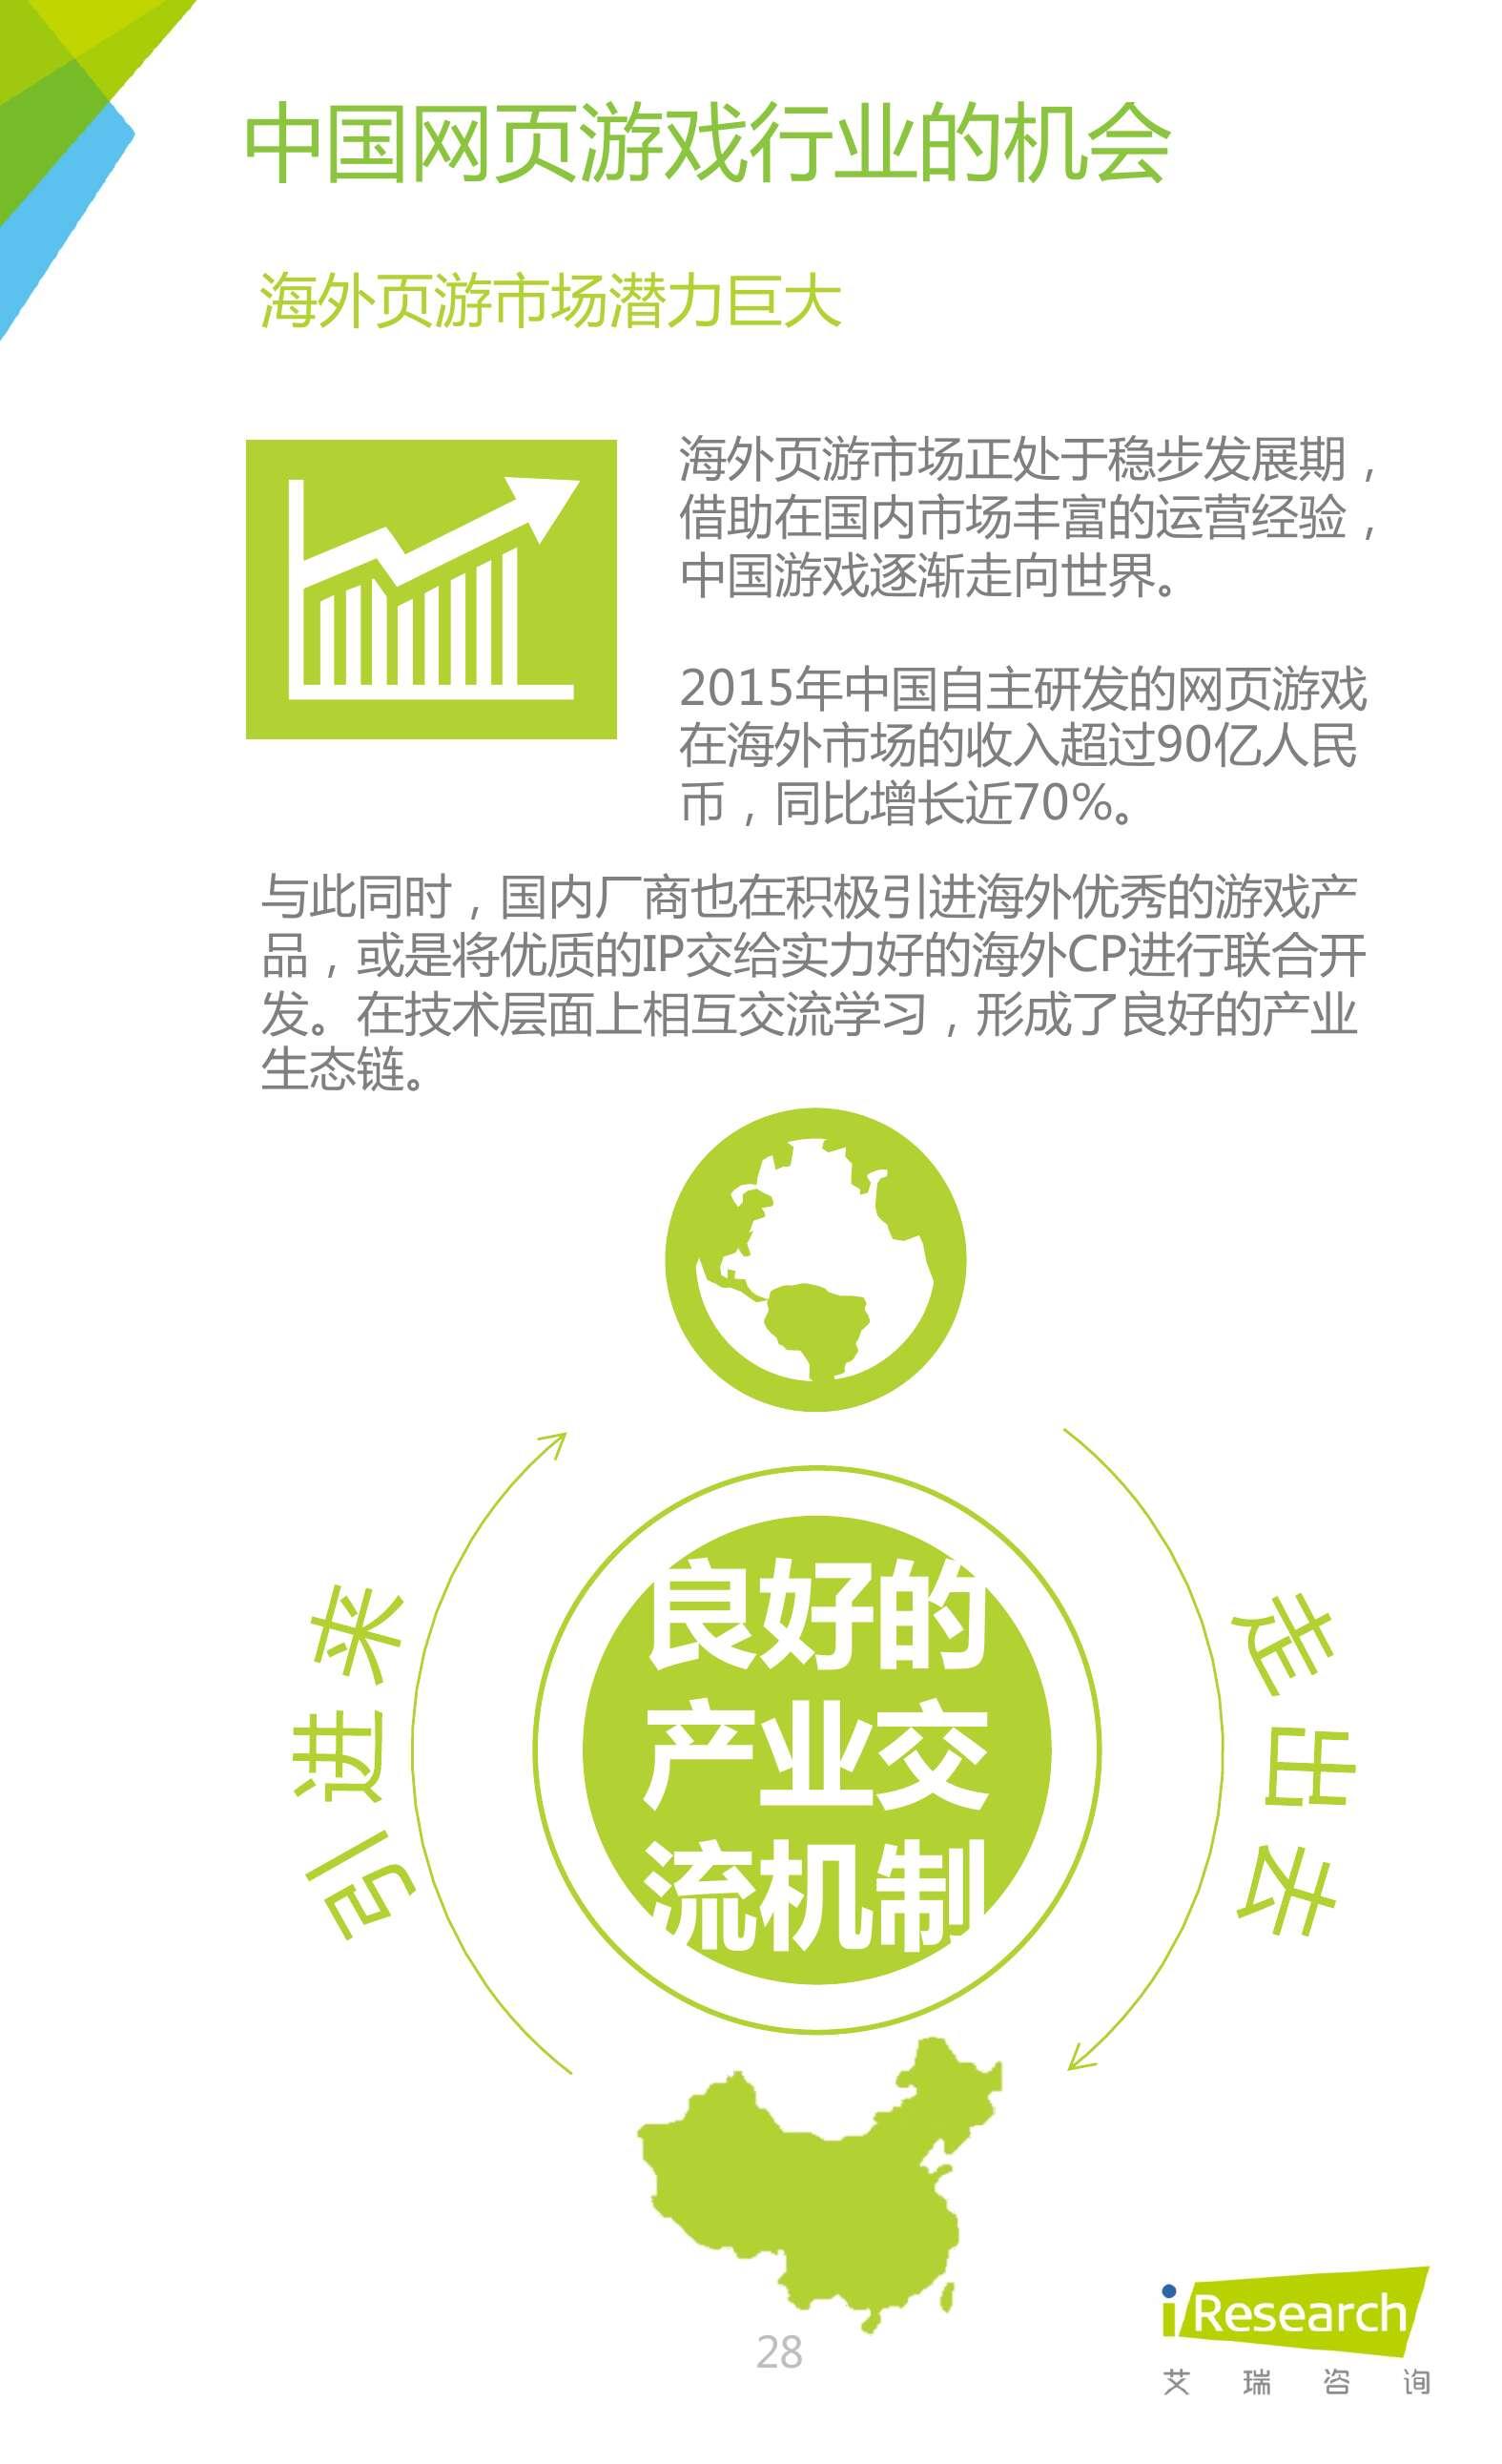 2016年中国网页游戏行业研究报告_000028